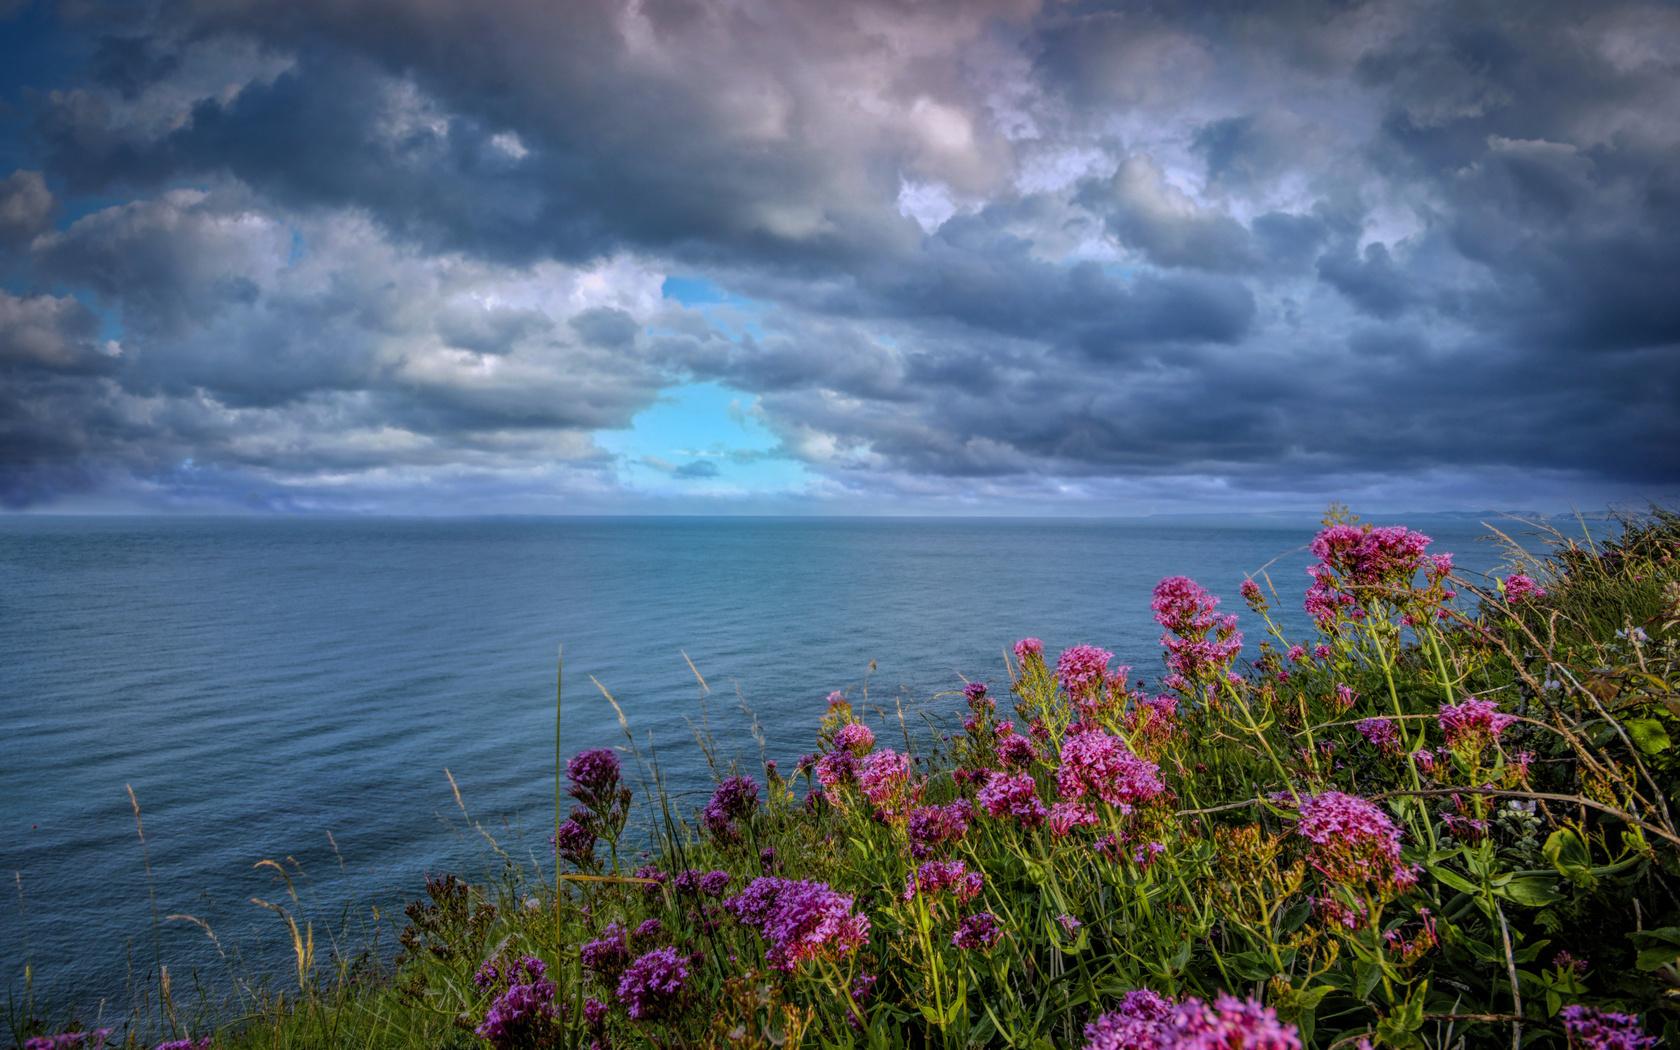 цветы, море, тучи